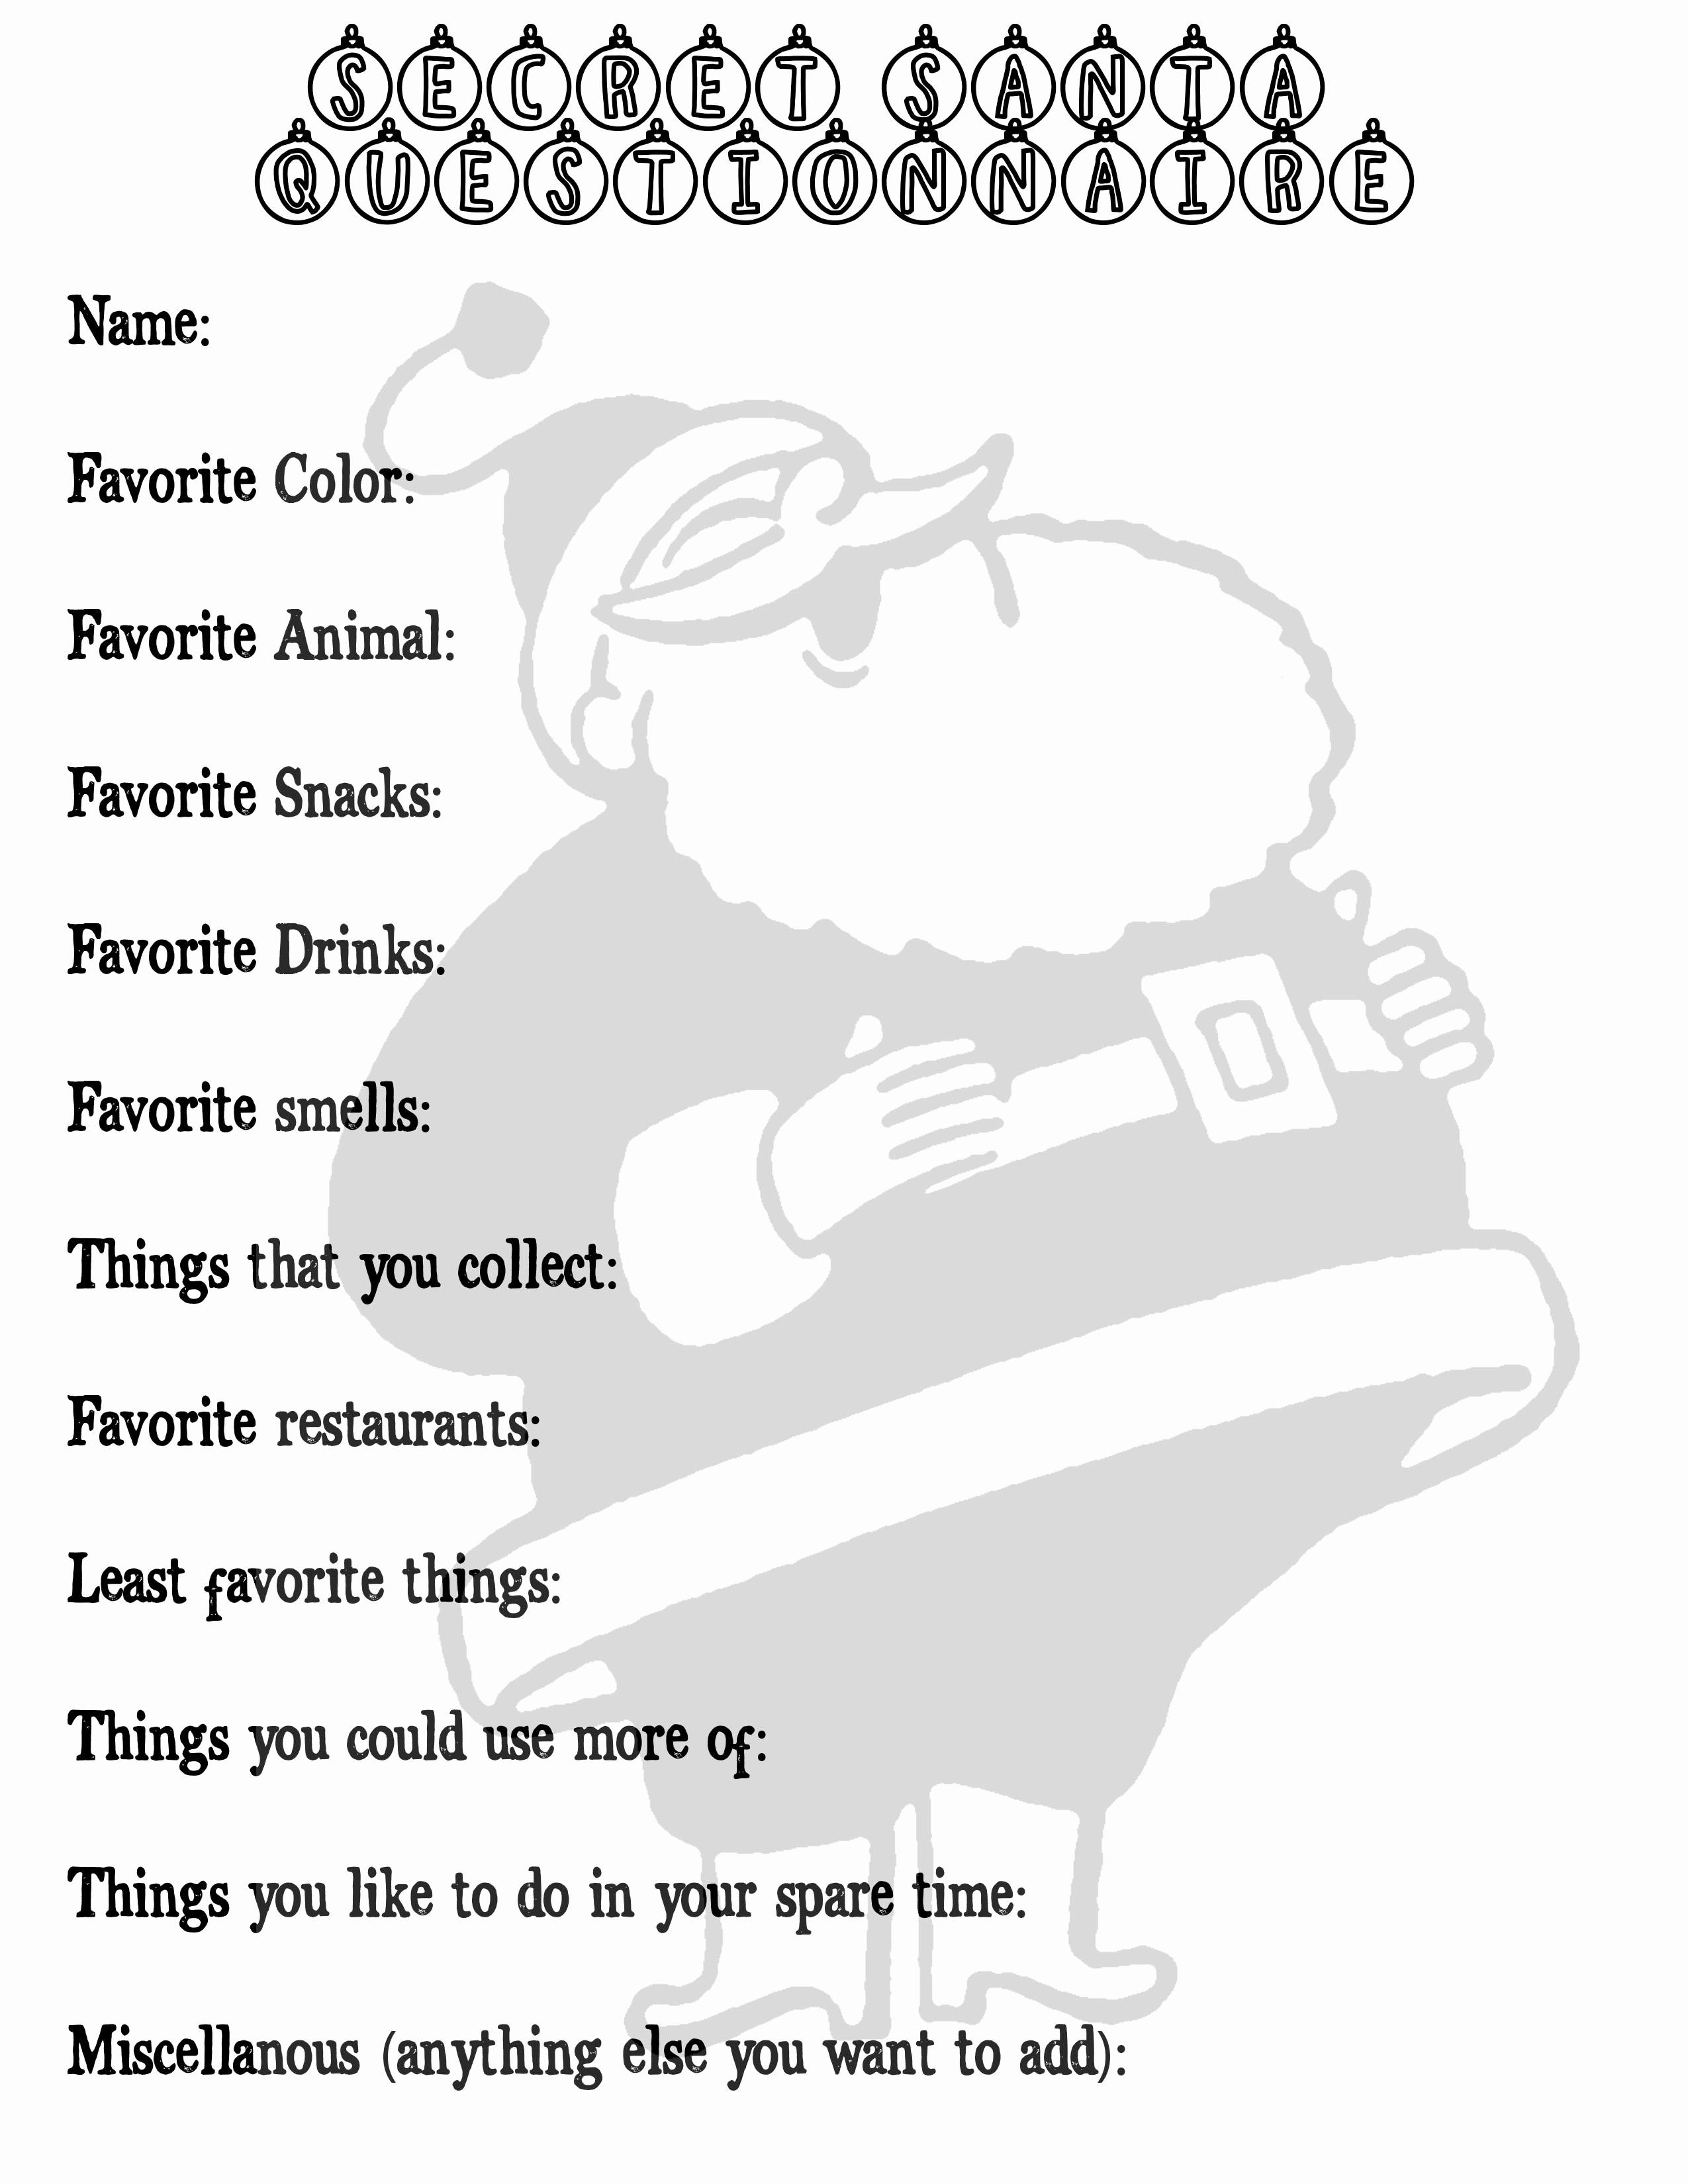 Office Secret Santa Questionnaire Templates New Secret Santa Questionnaire Printable Printable Pages